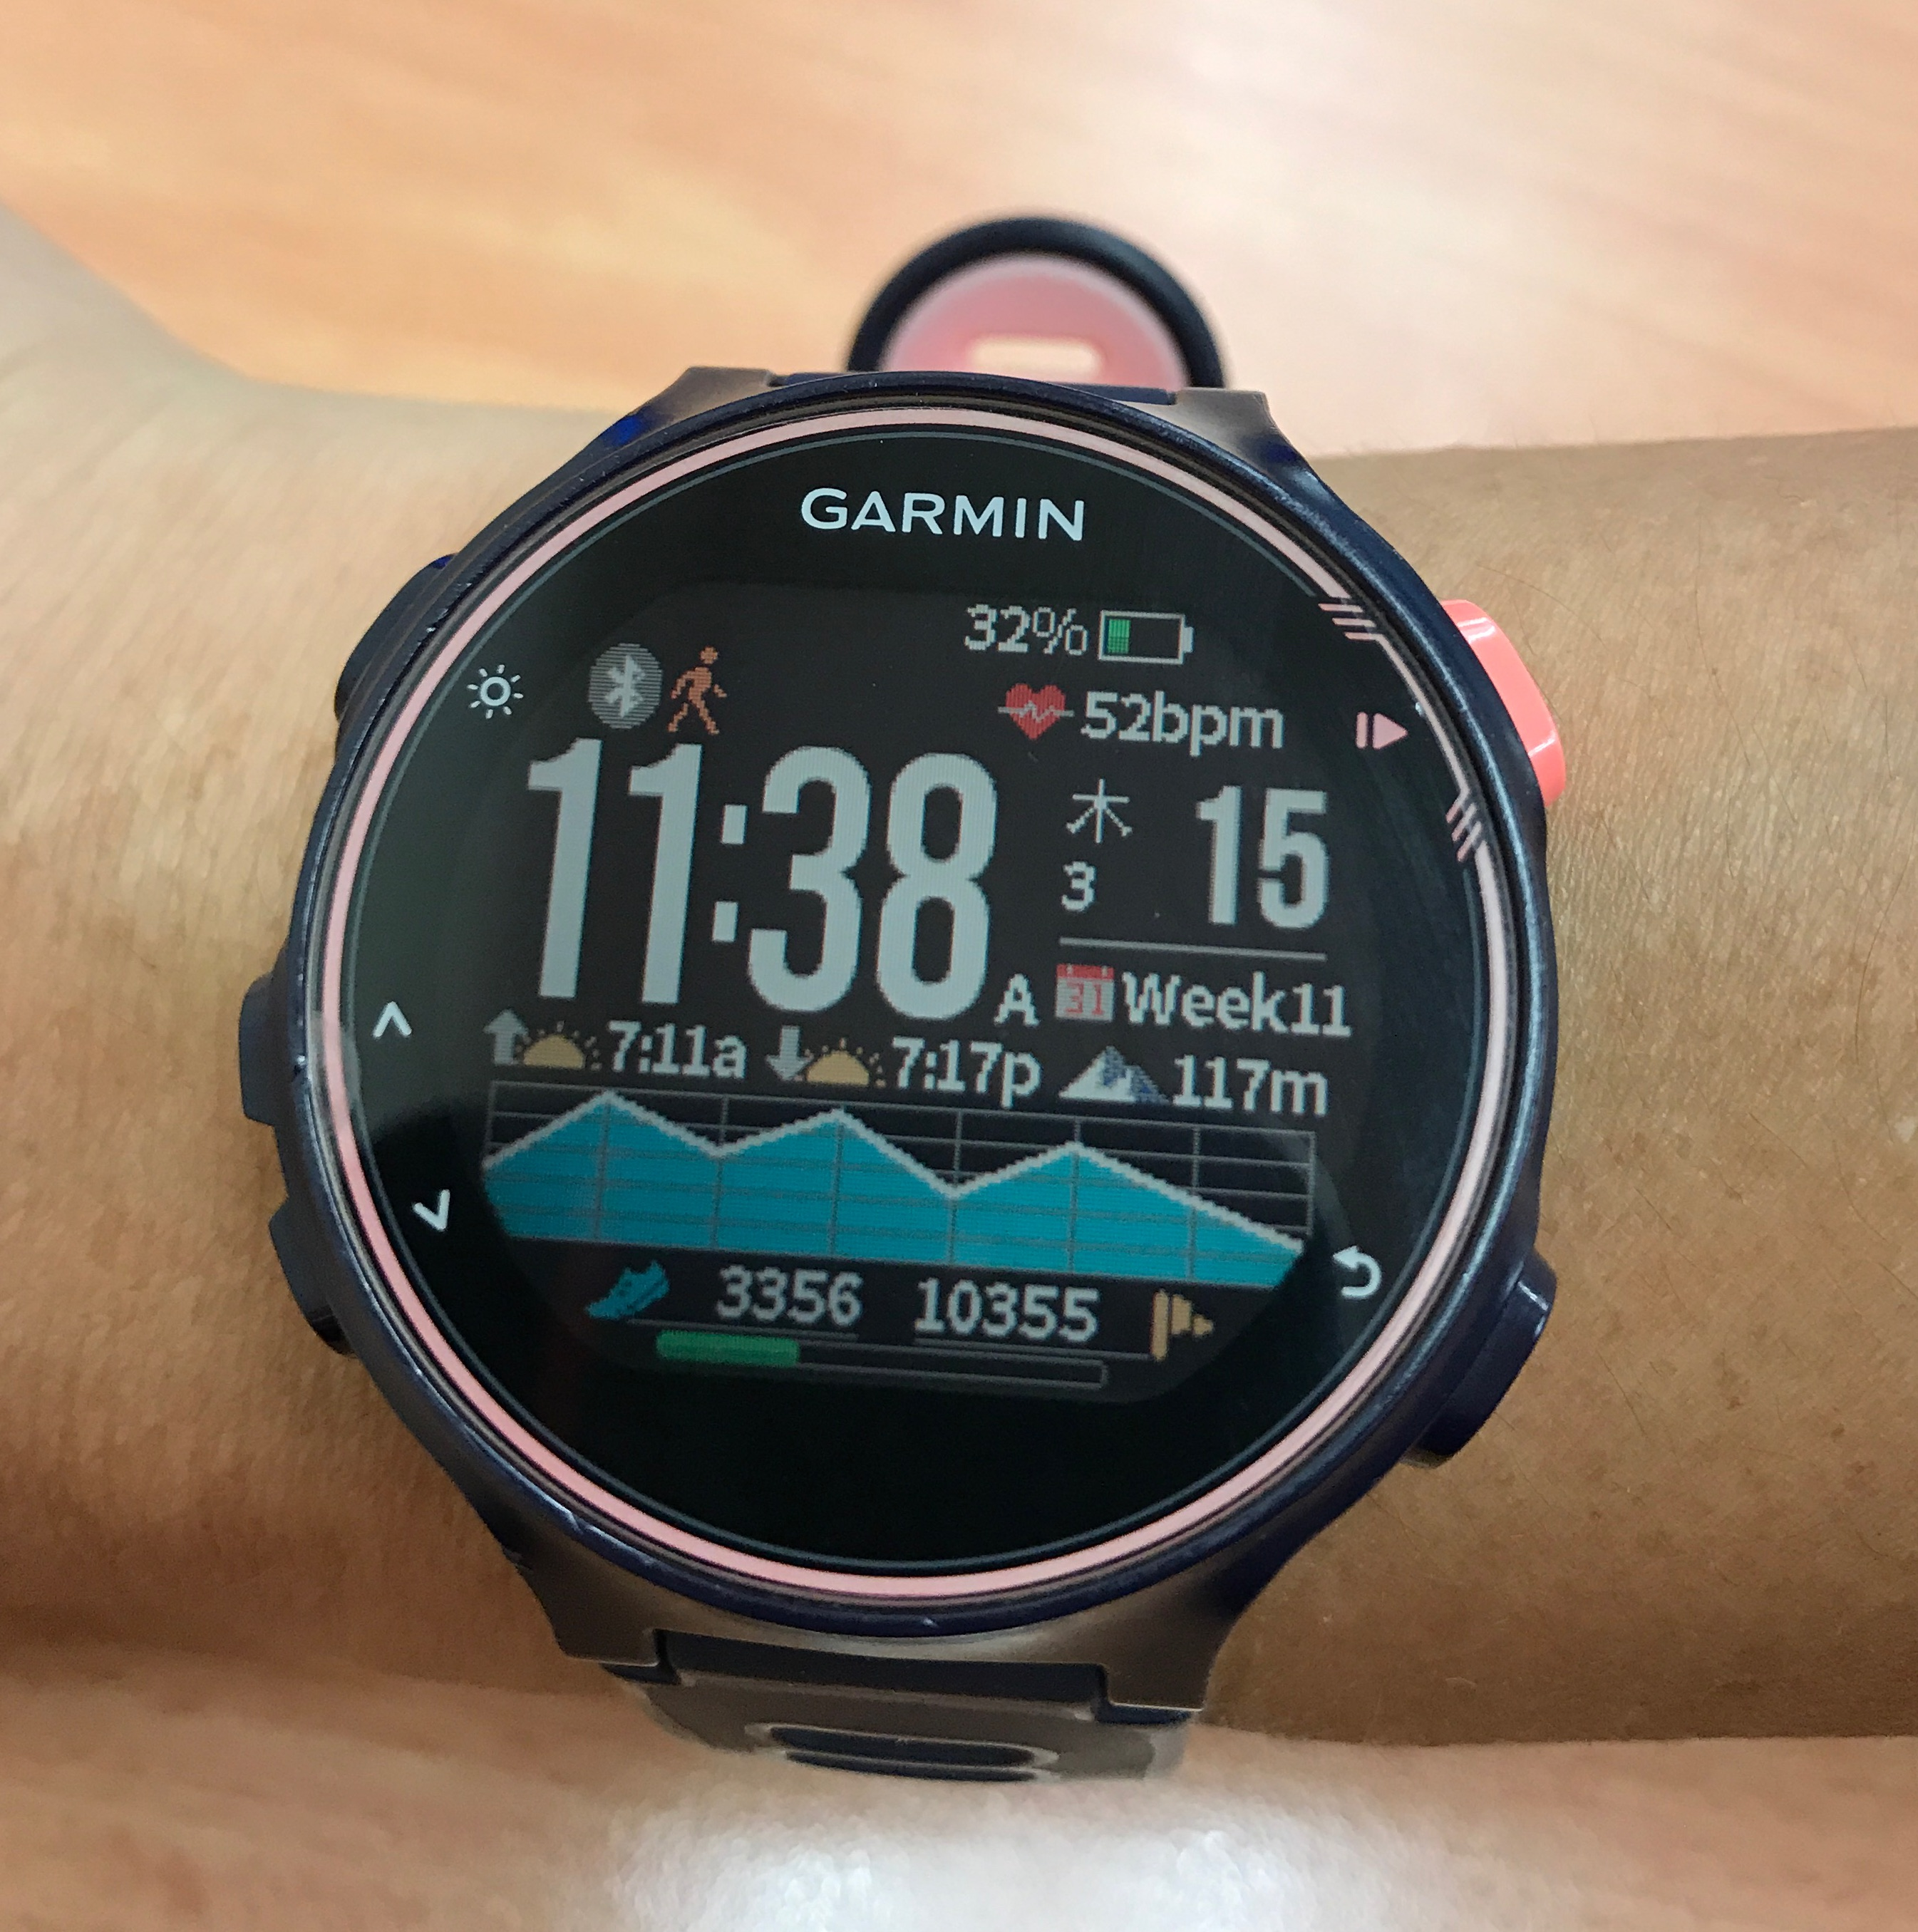 トライアスロン初心者におすすめのGPS時計!防水機能、光学心拍計も完備なうえに価格も下がった!